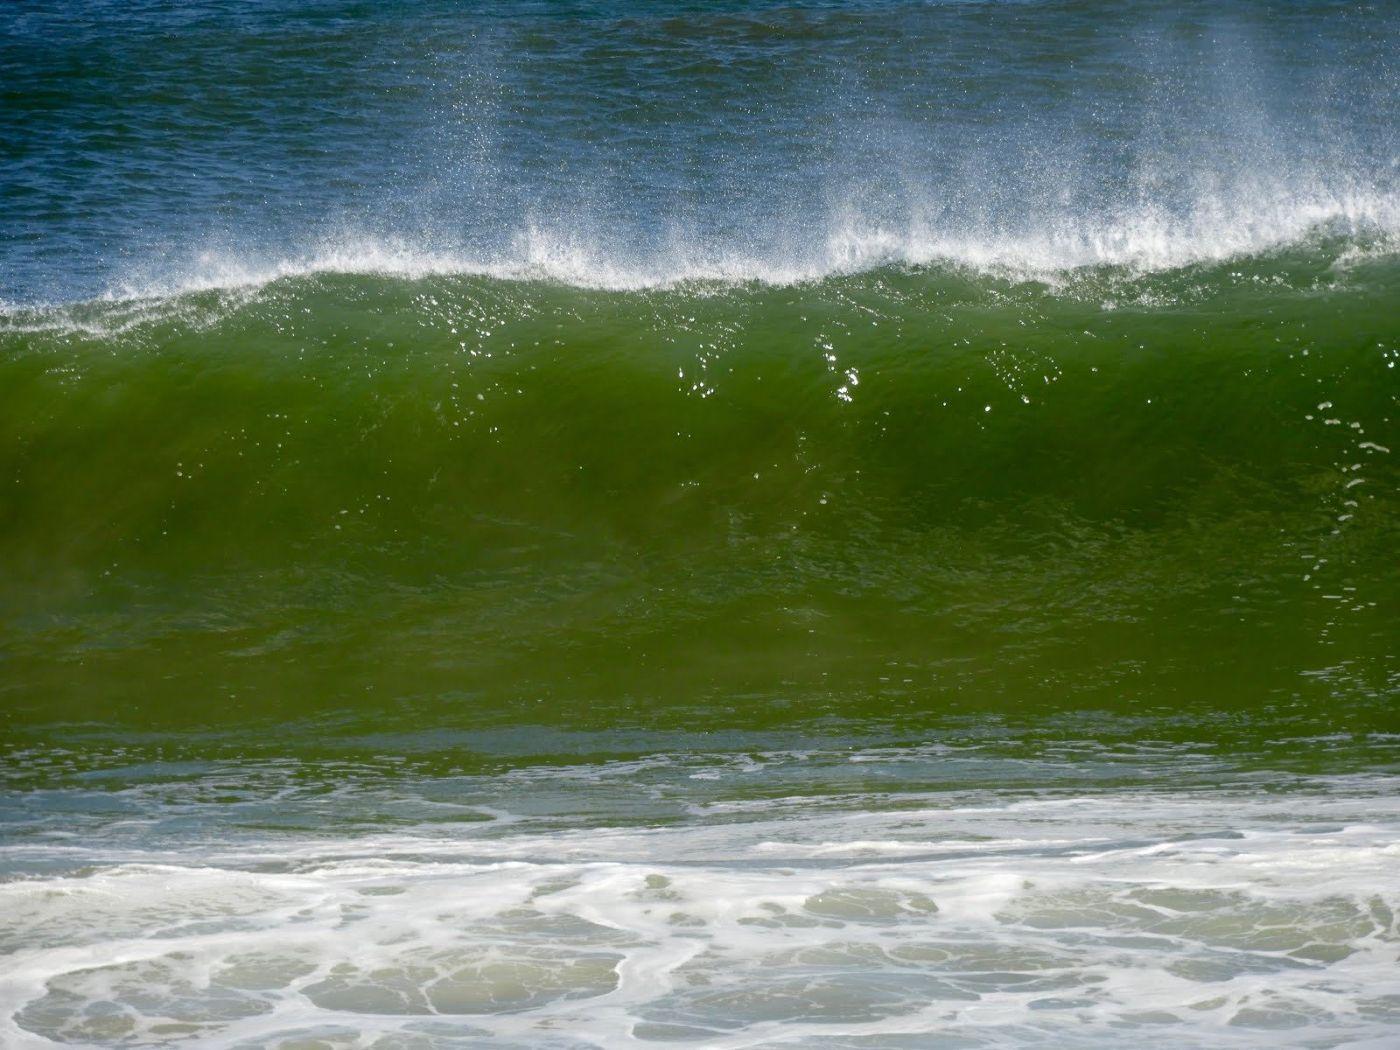 新泽西州冲浪者_图1-11